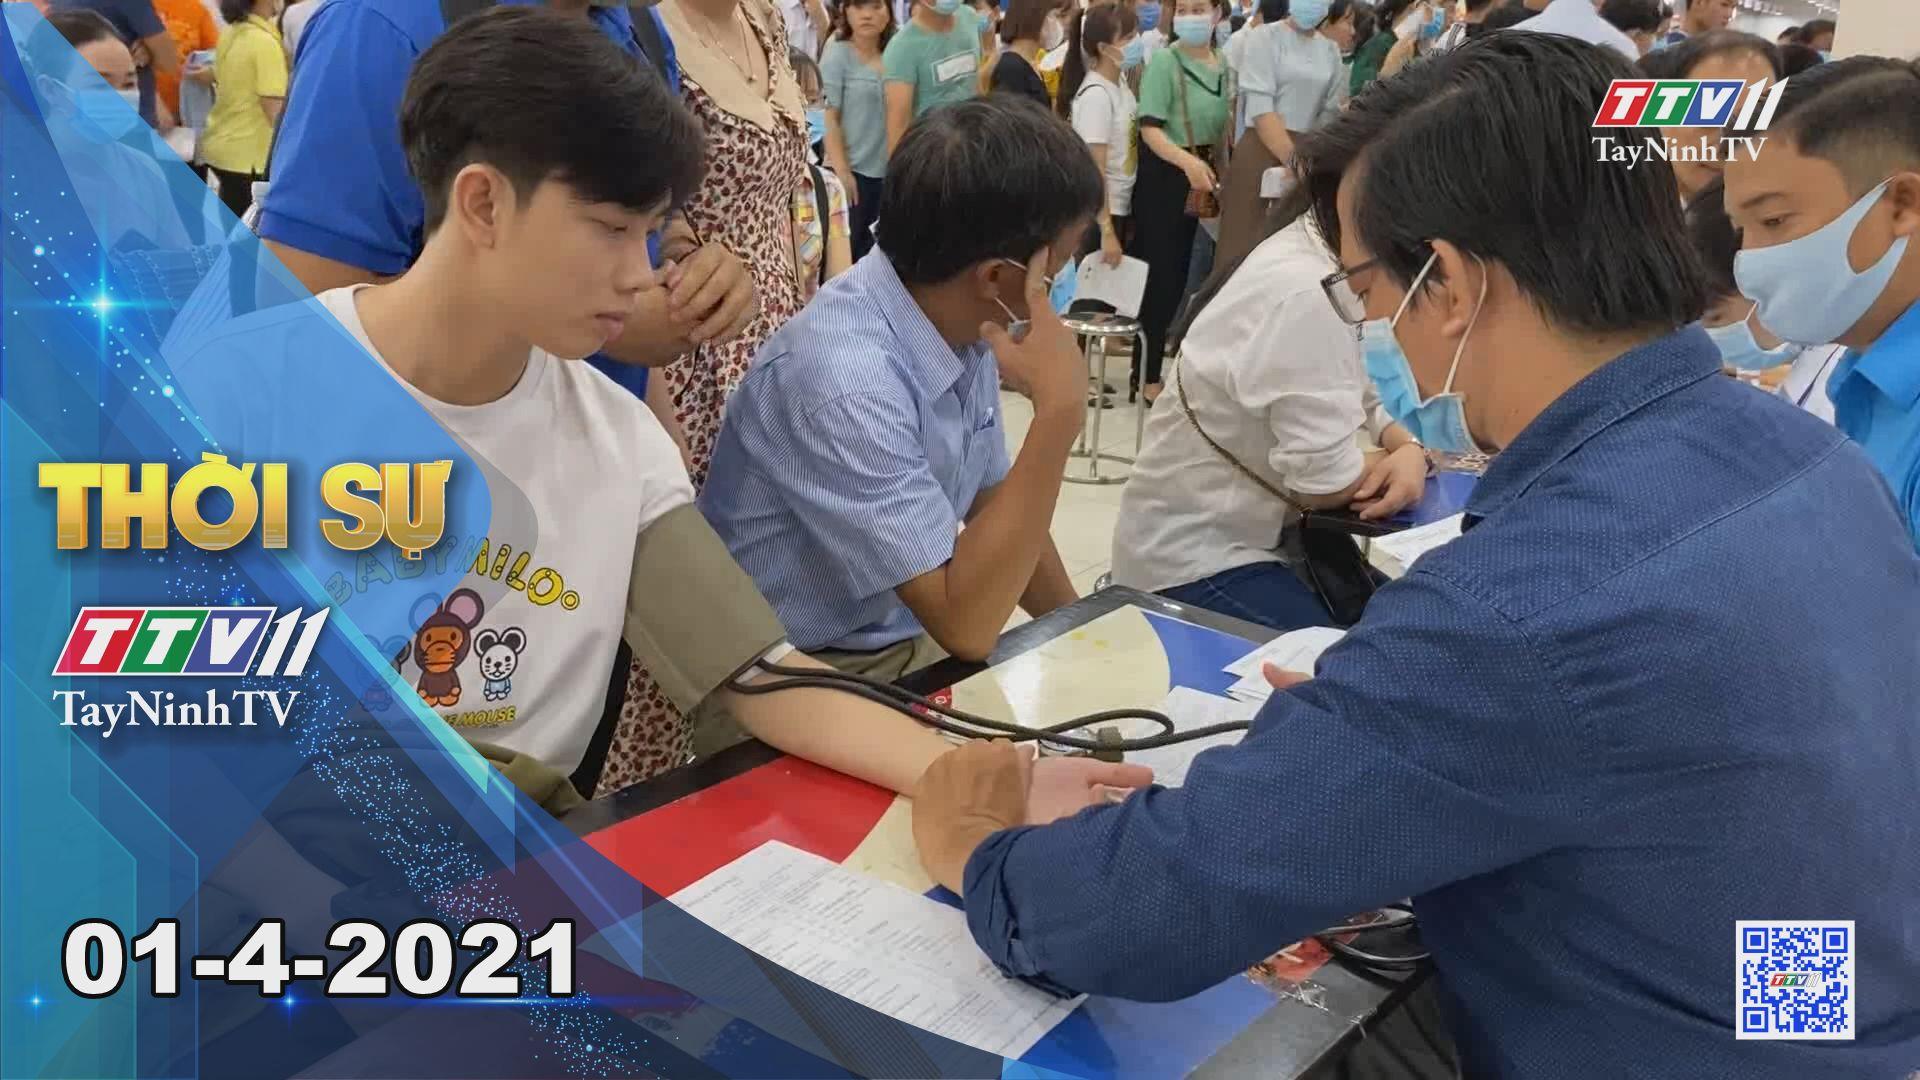 Thời sự Tây Ninh 01-4-2021 | Tin tức hôm nay | TayNinhTV